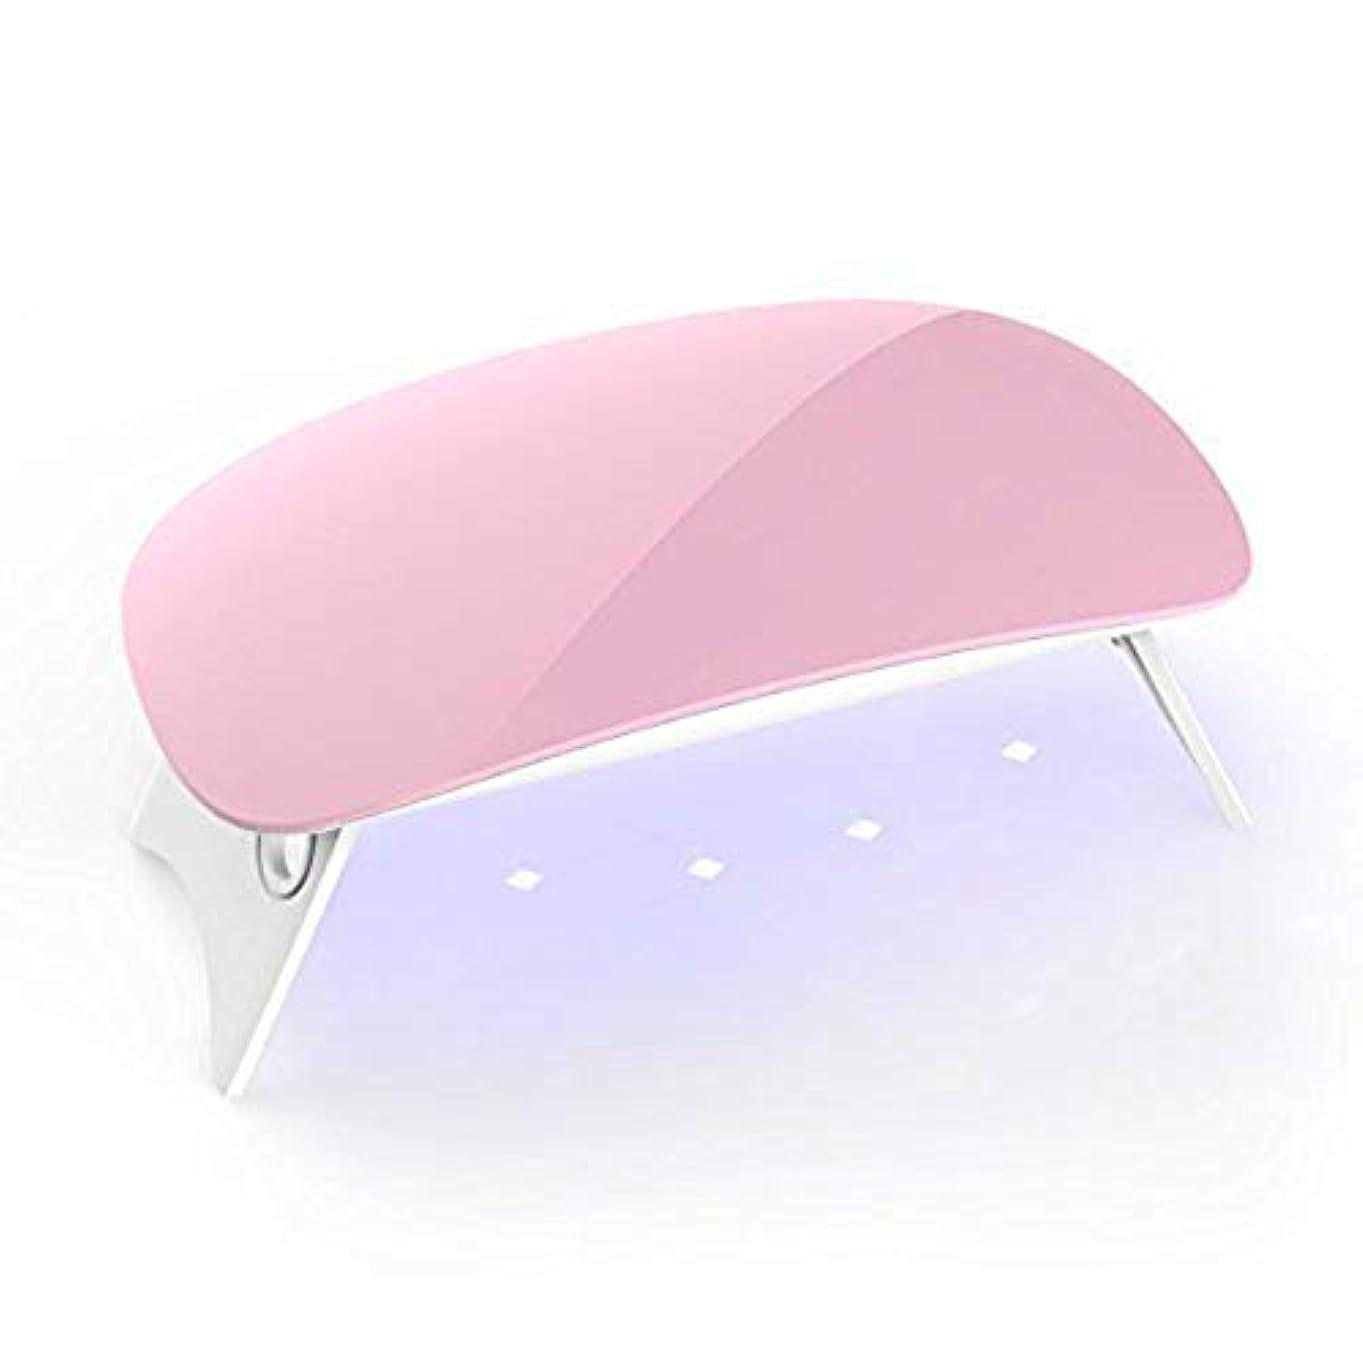 放散する衰える大理石ネイルグルー用の6W UV LED、2つのプリセットタイマー(45秒、60秒)